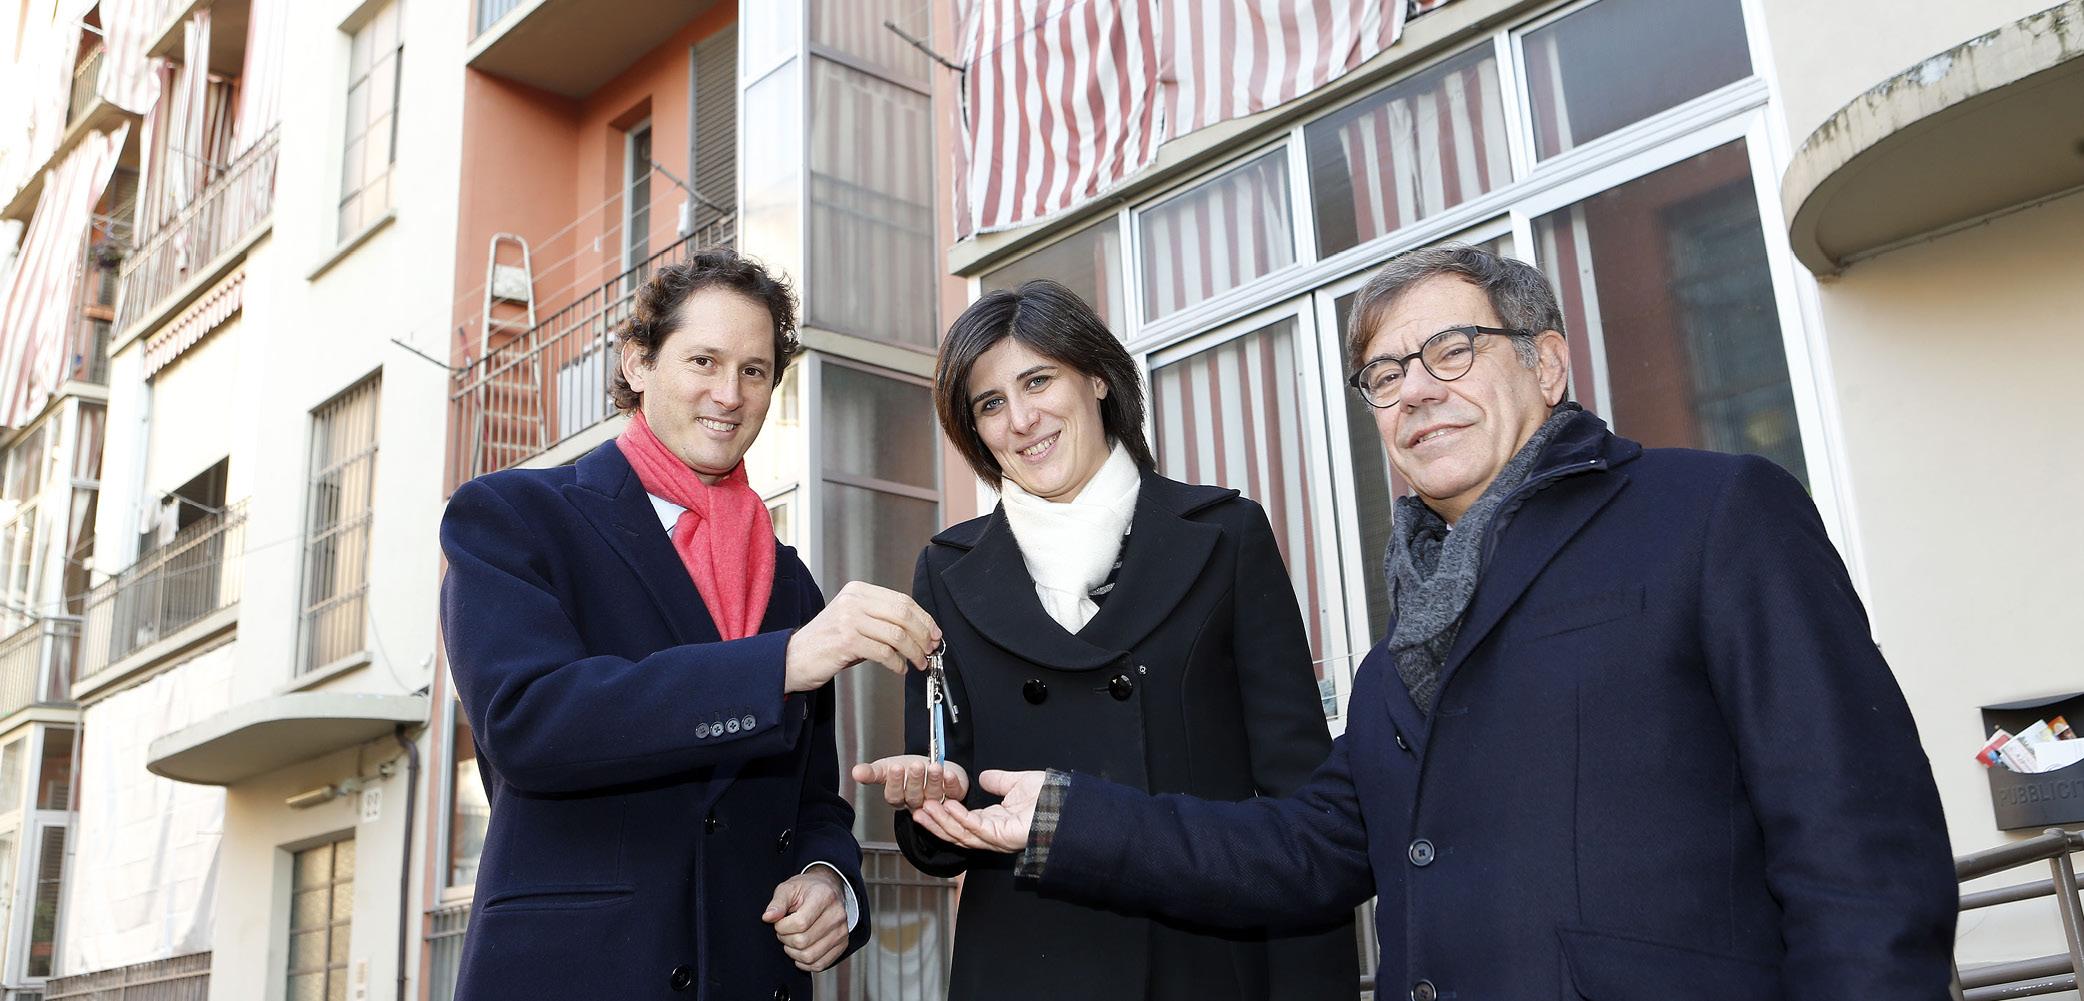 Accordo Fondazione Agnelli e ATC: pronto il primo appartamento